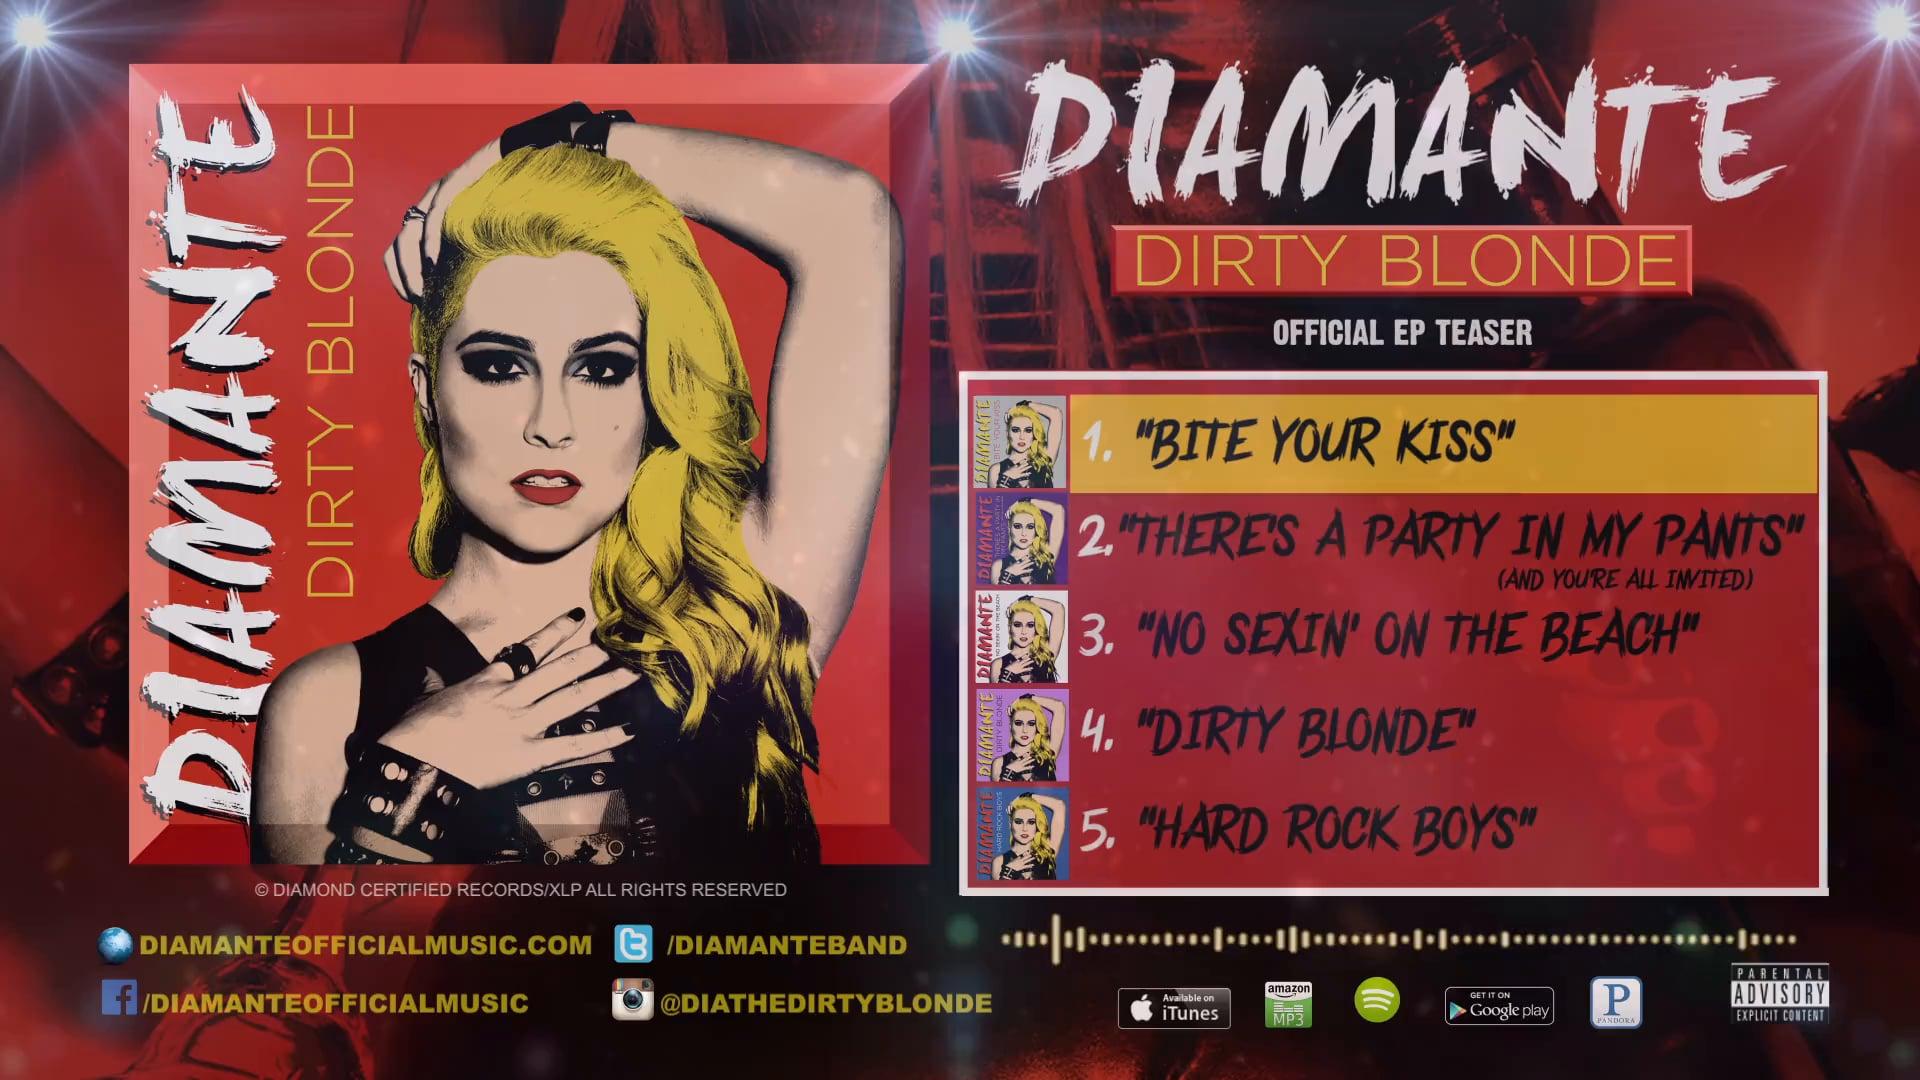 DIAMANTE - EP TEASER (NON VEVO)